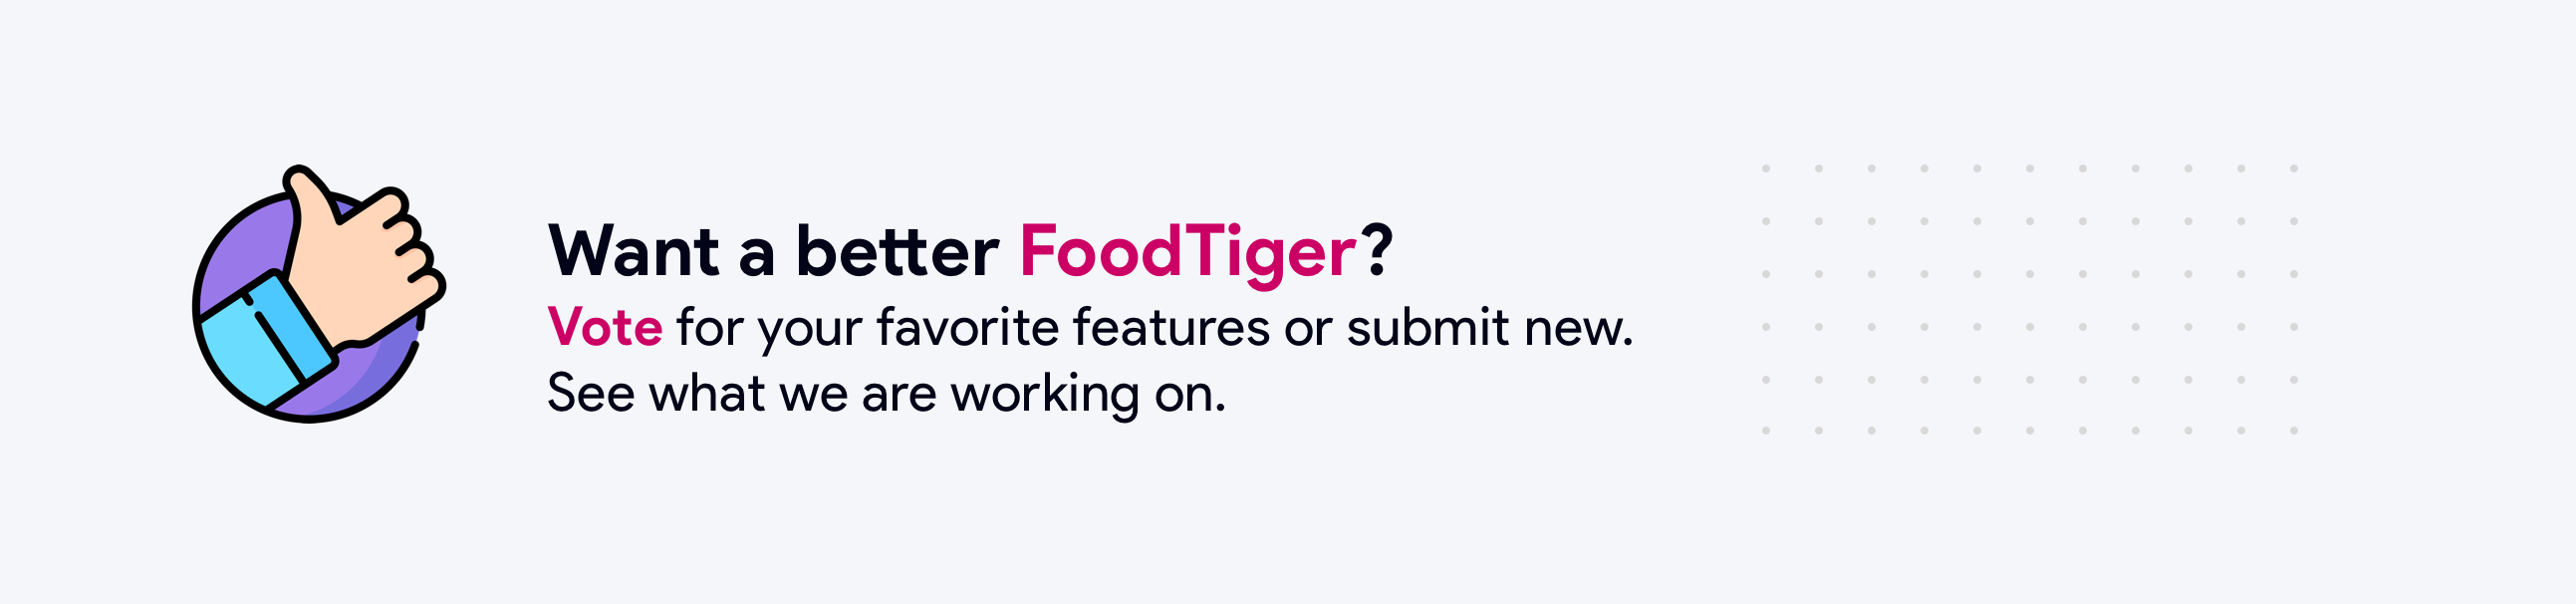 FoodTiger - Food delivery - Multiple Restaurants - 6